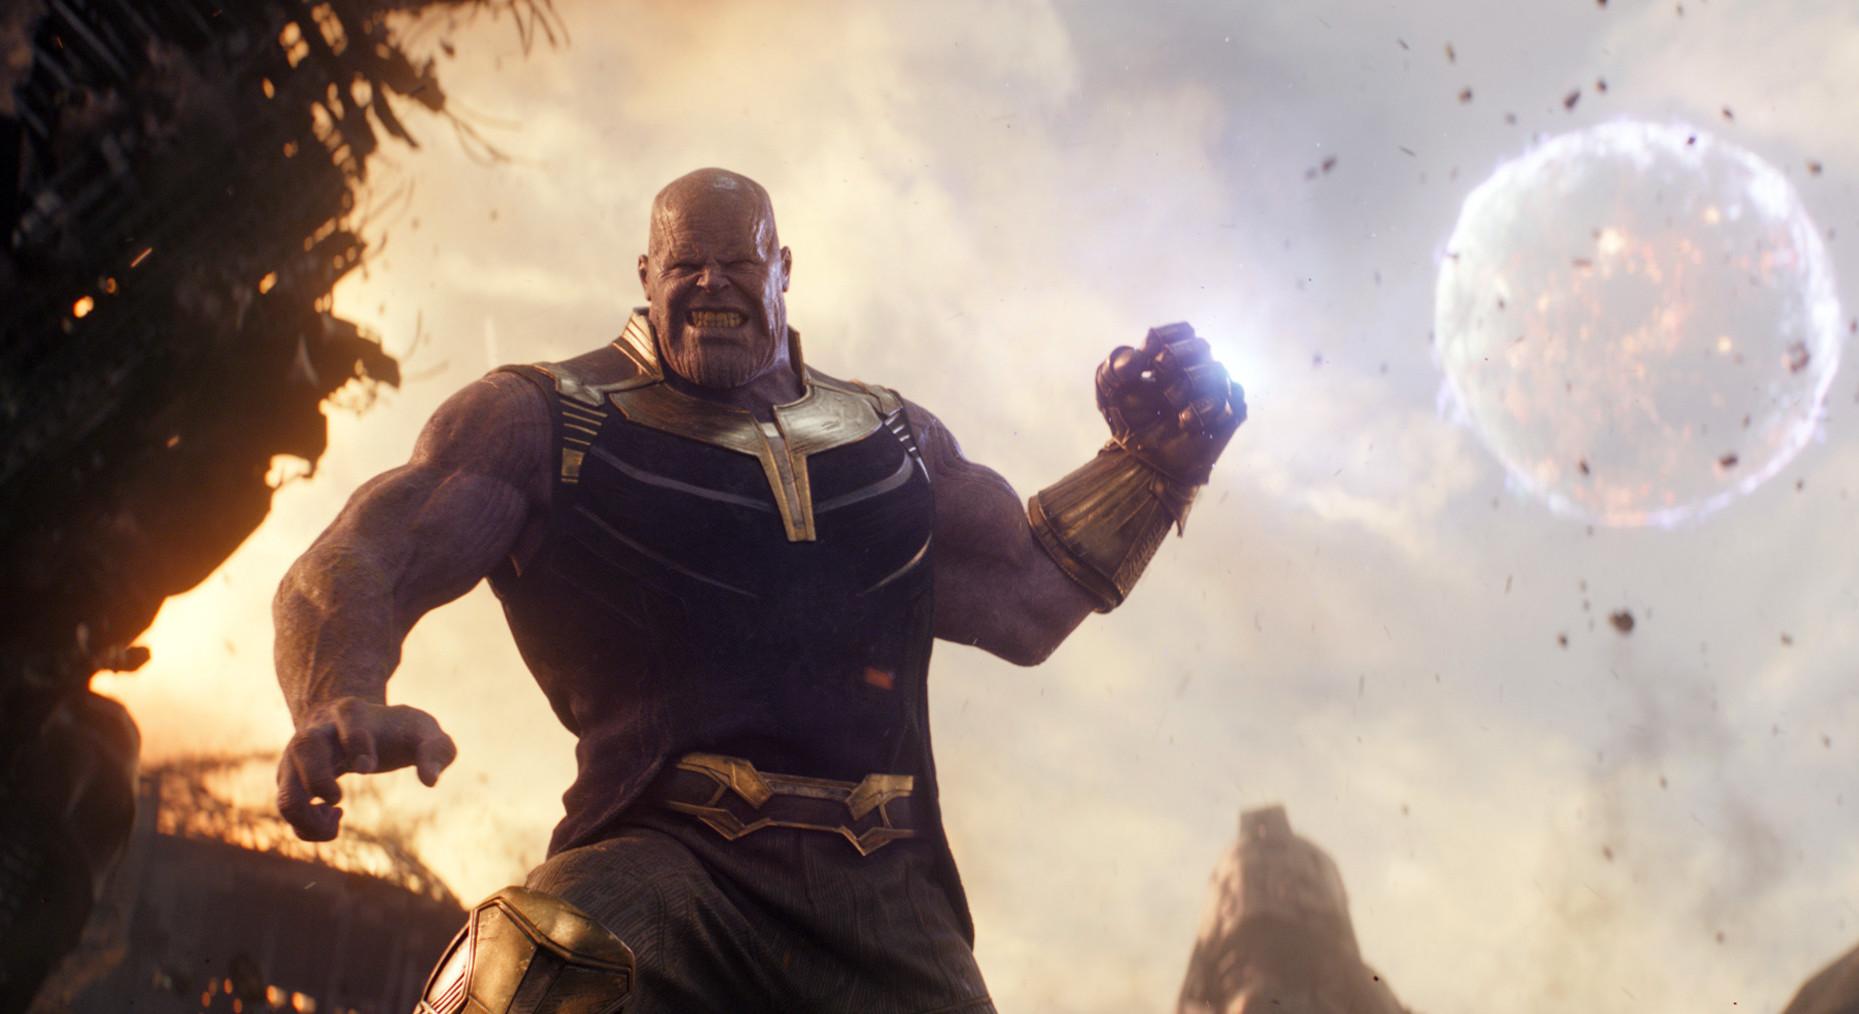 Avengers: Endgame, ¿qué dicen los fans y la crítica del estreno?